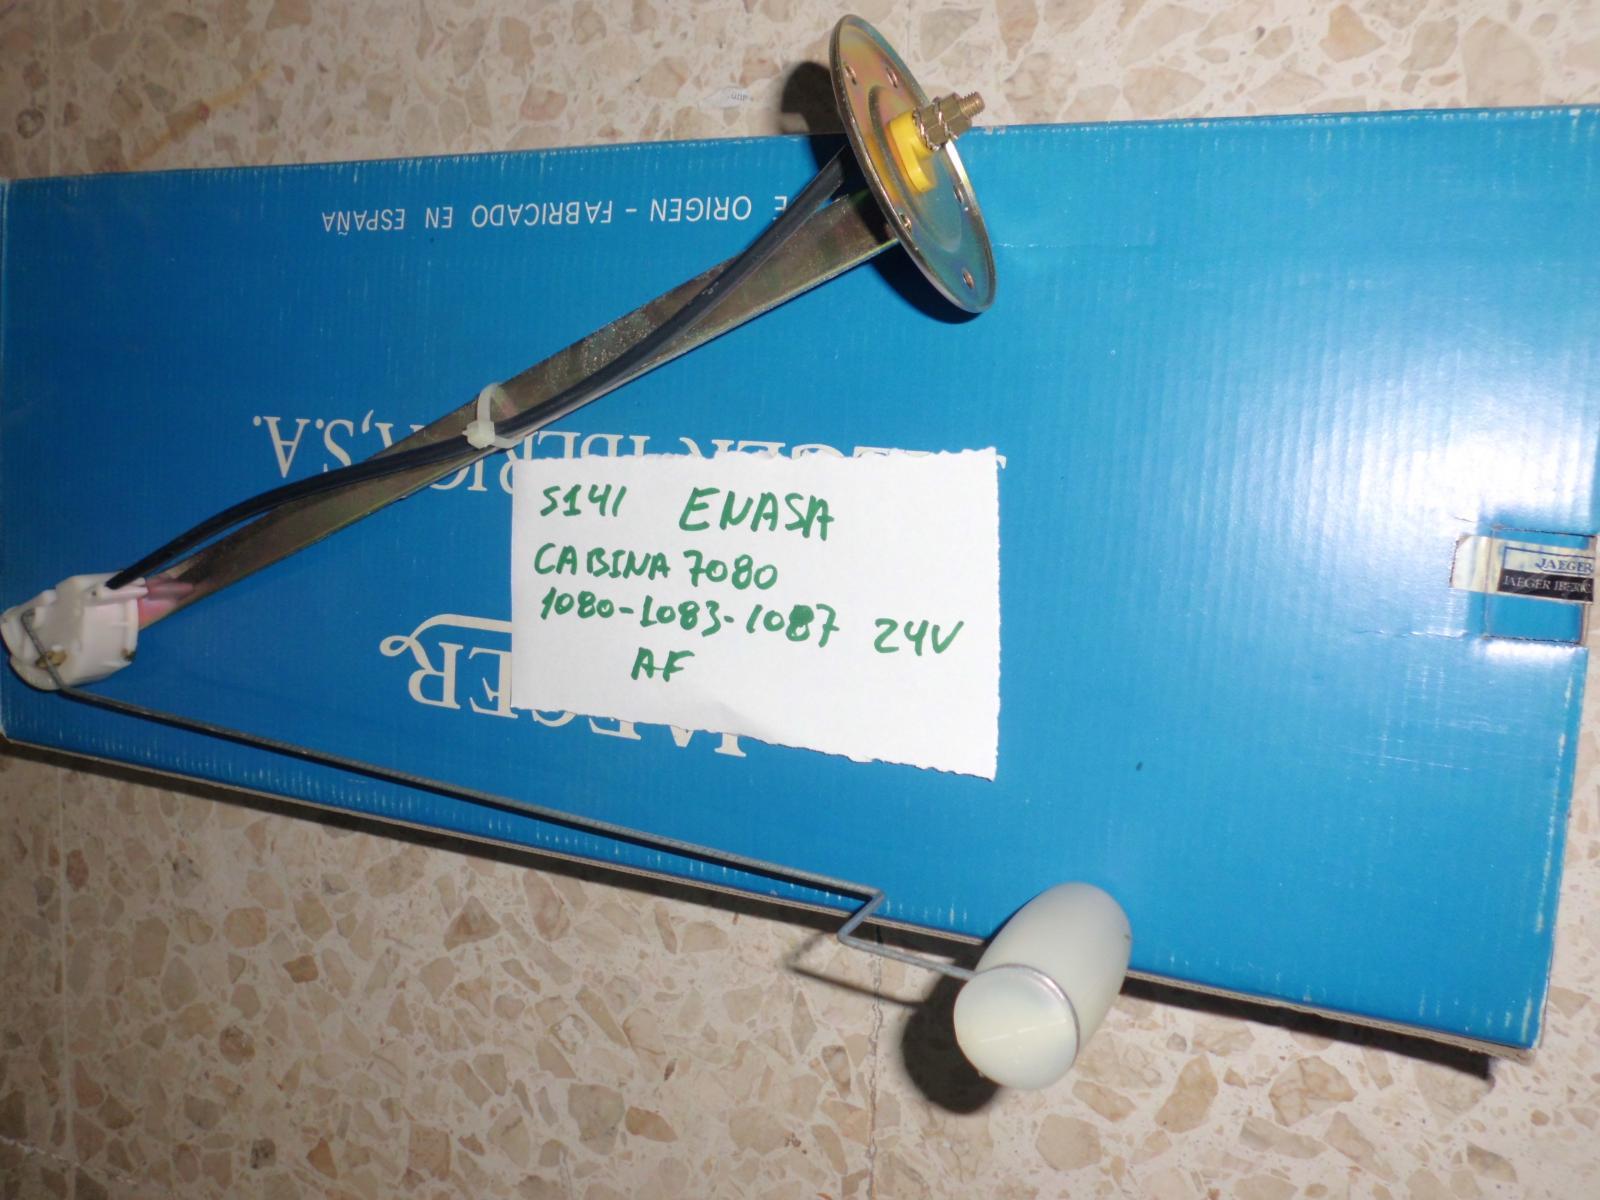 Aforador Pegaso Enasa cabina 7080 en 24v